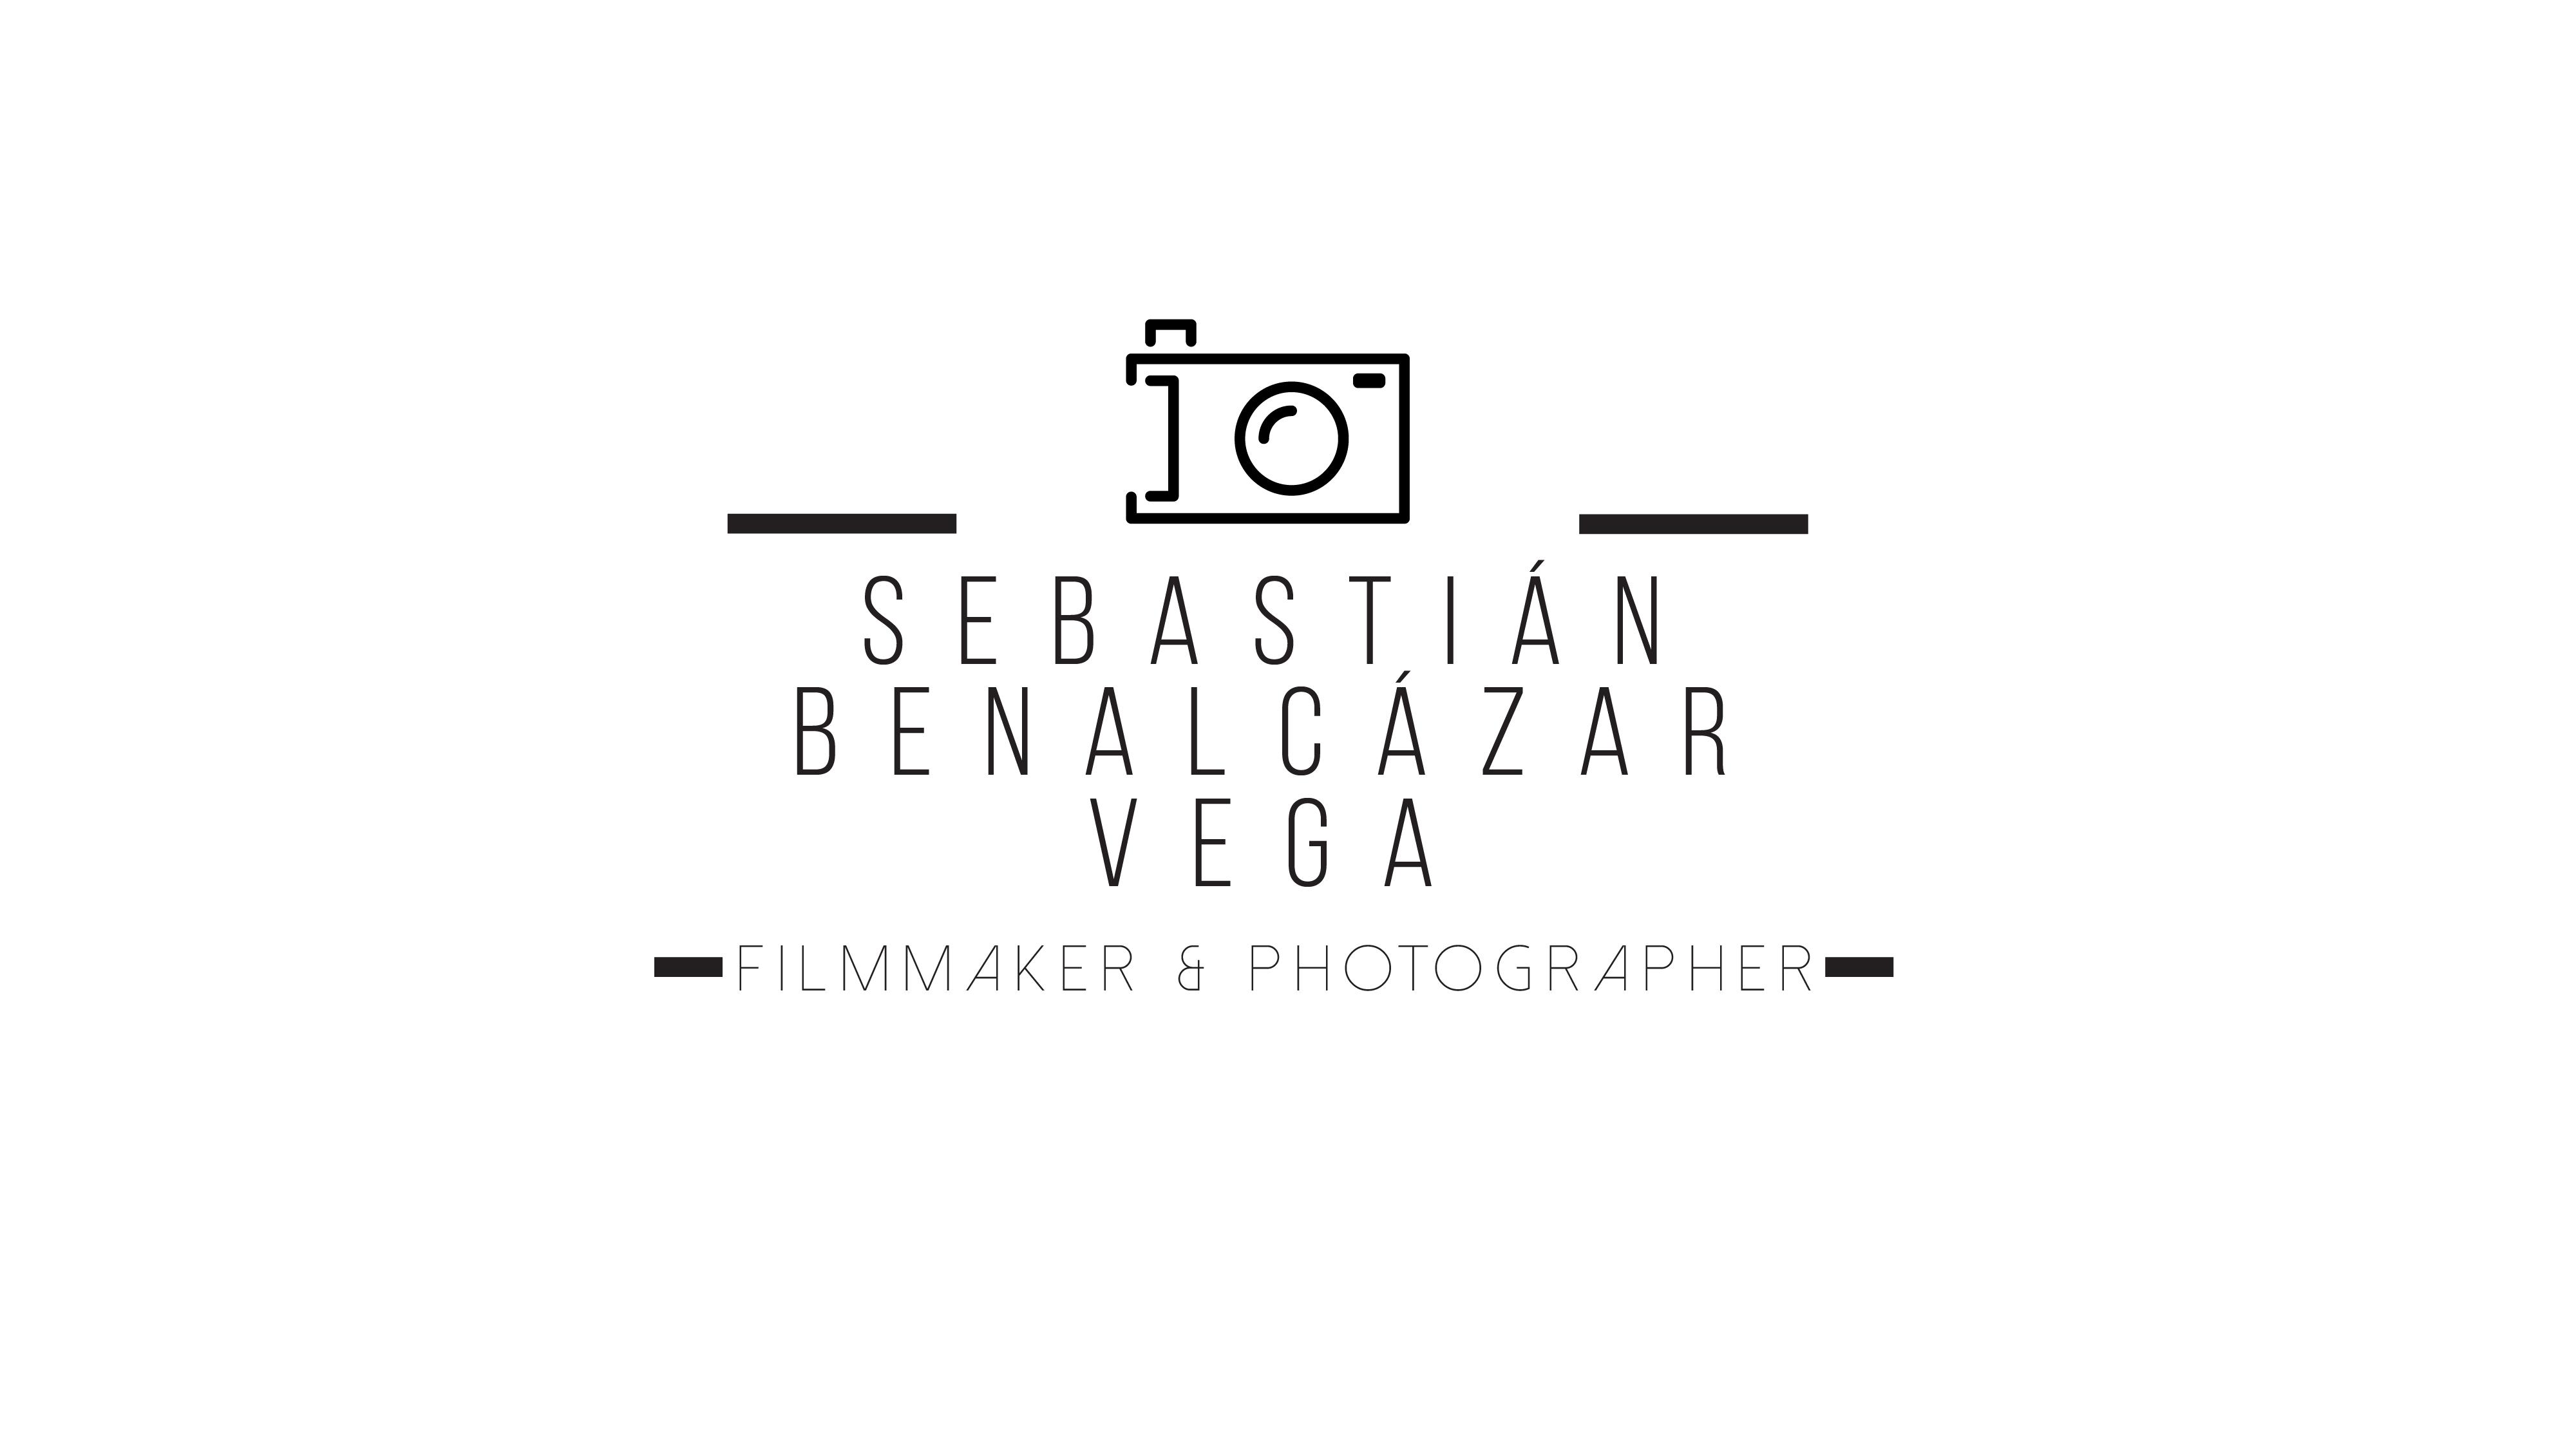 Sebastian Benalcazar